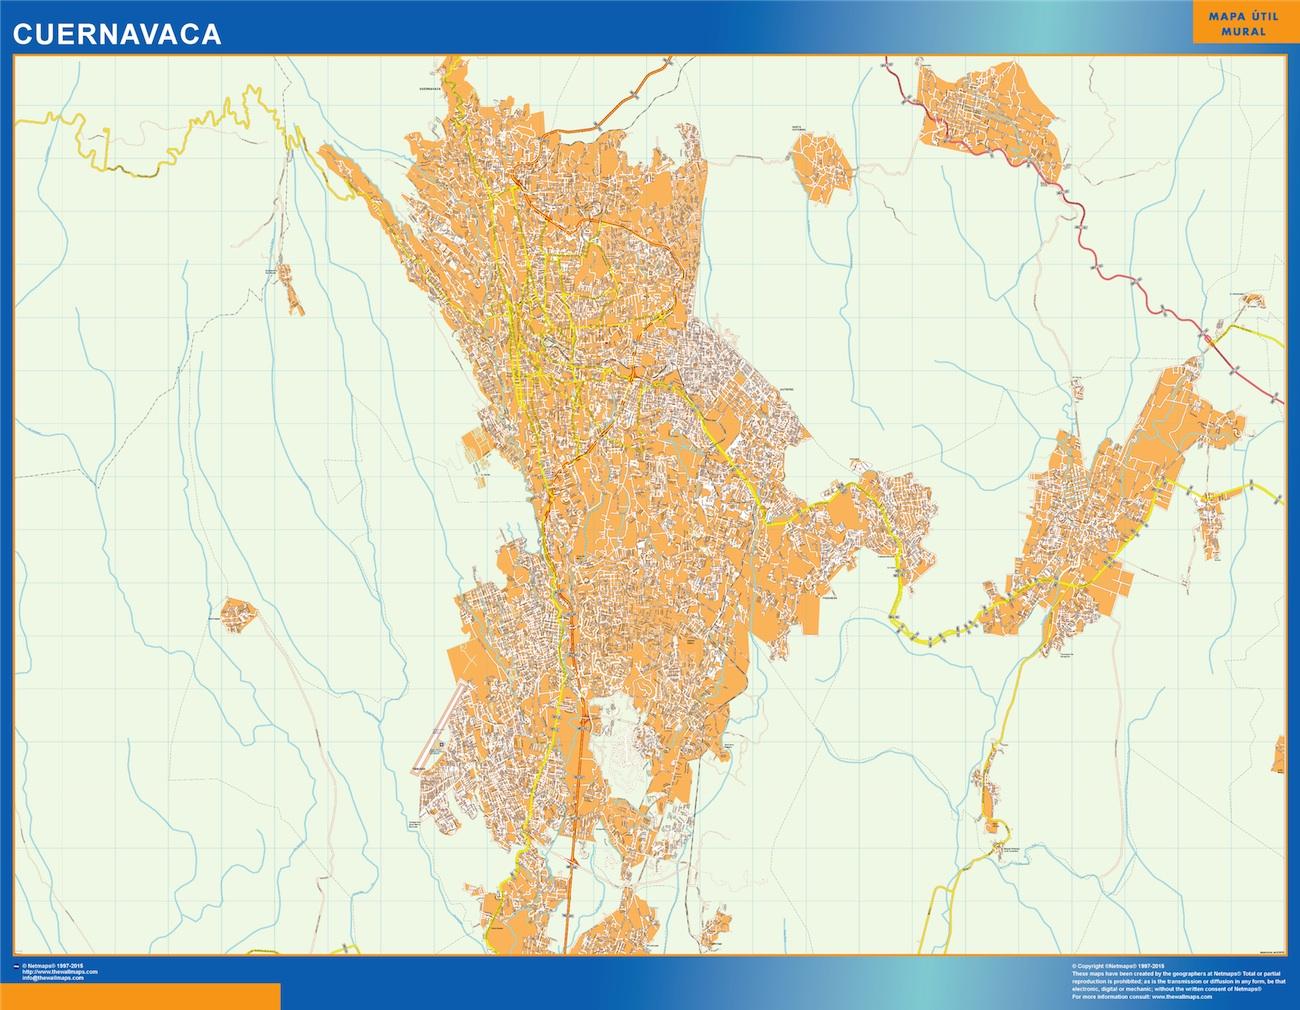 Mapa Cuernavaca en Mexico plastificado gigante